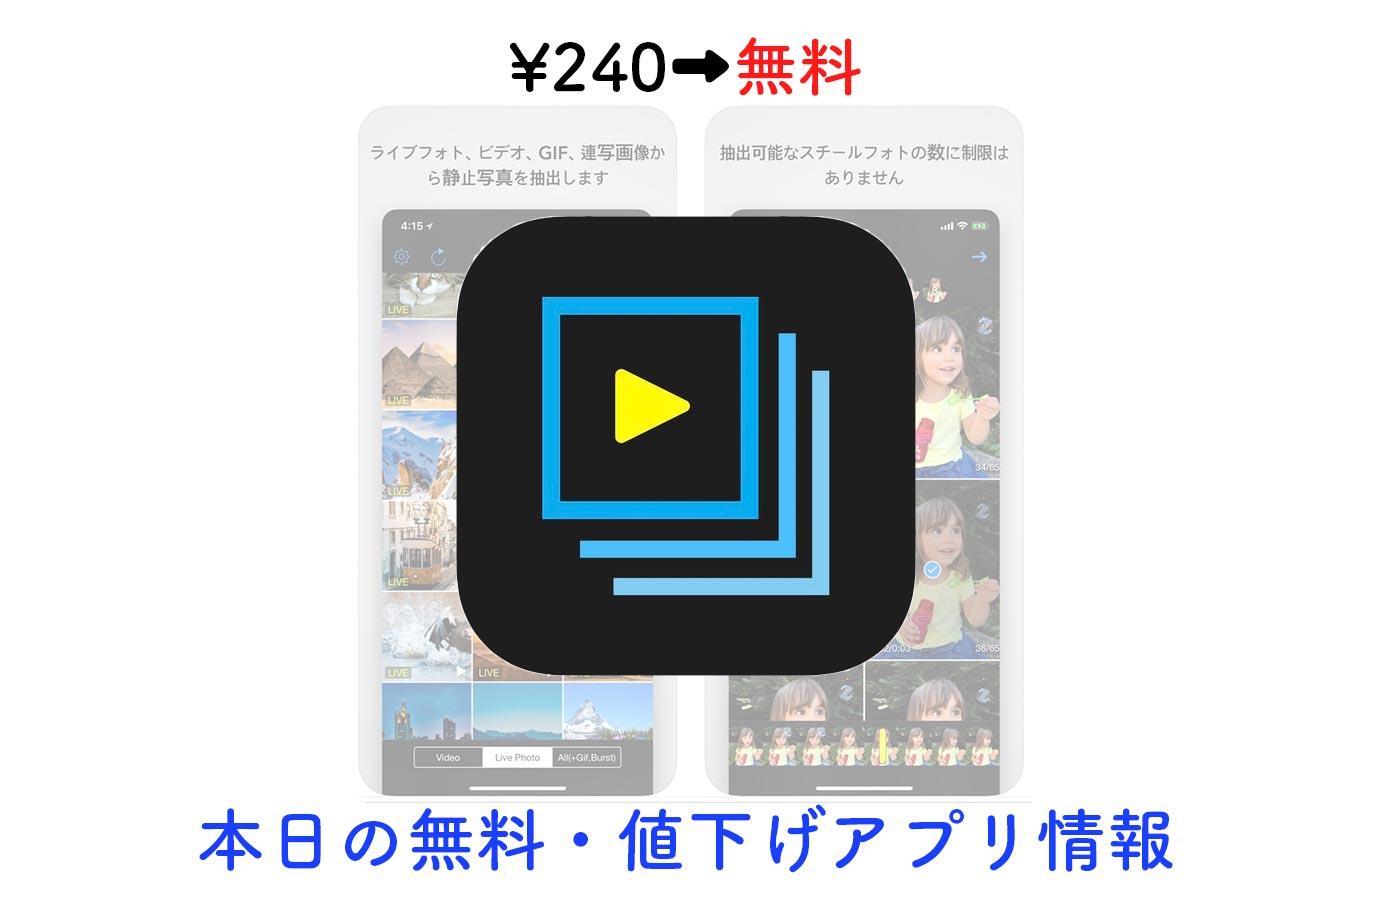 240円→無料、LivePhotosや動画などから静止画を抜き出せる「写真の抽出」など【4/26】セールアプリ情報